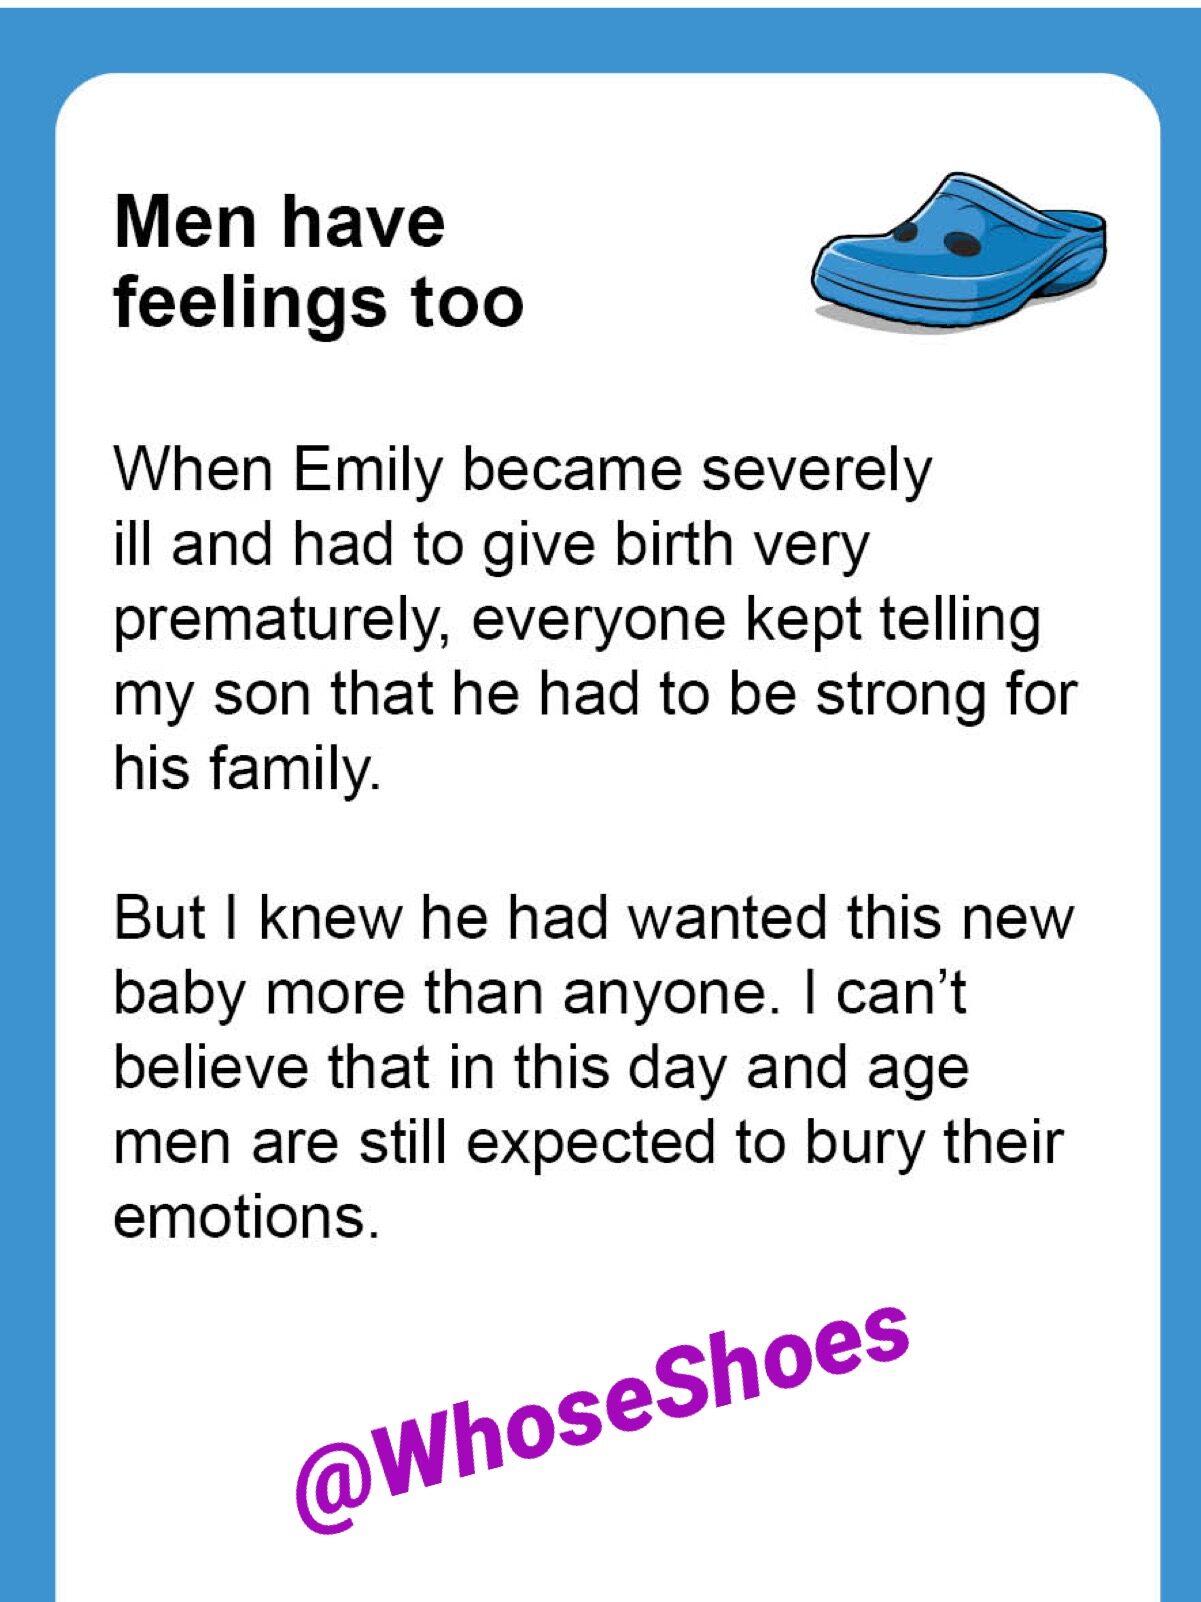 Men-have-feelings-too